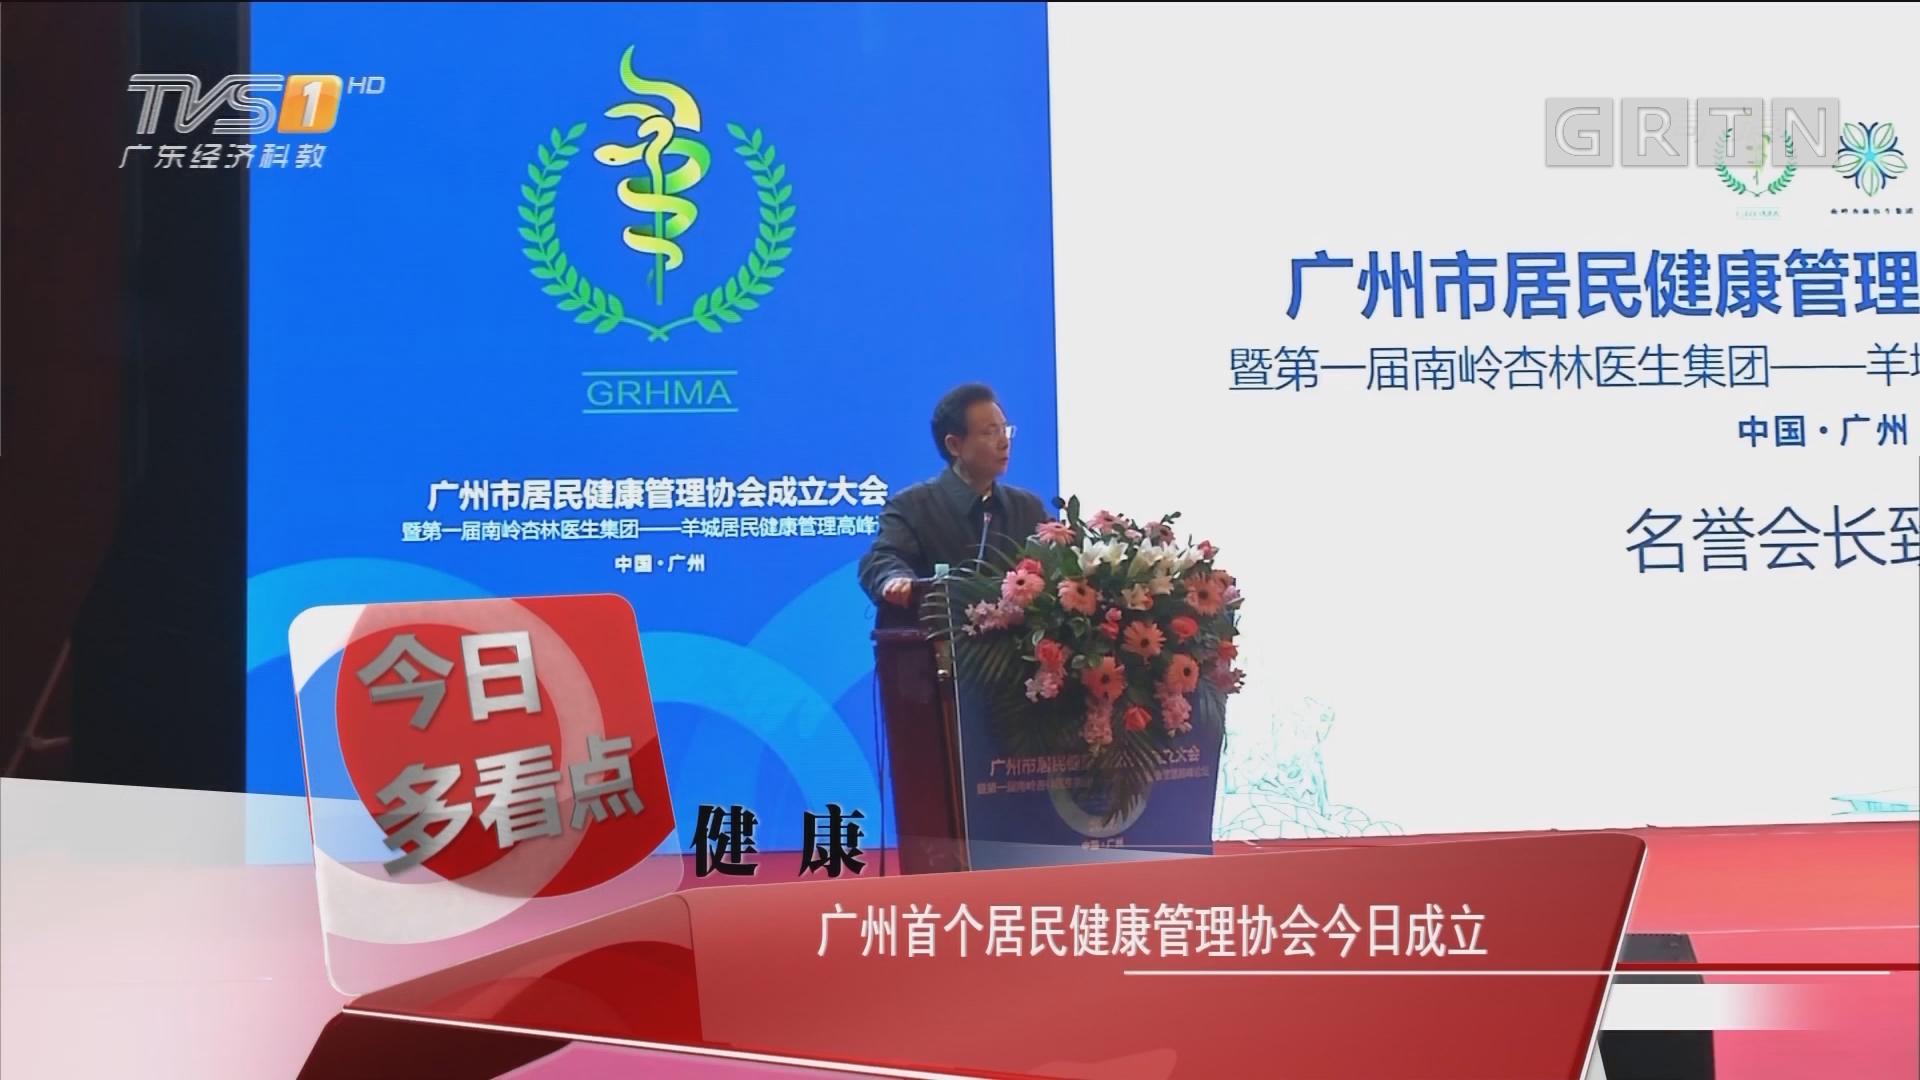 健康:广州首个居民健康管理协会今日成立